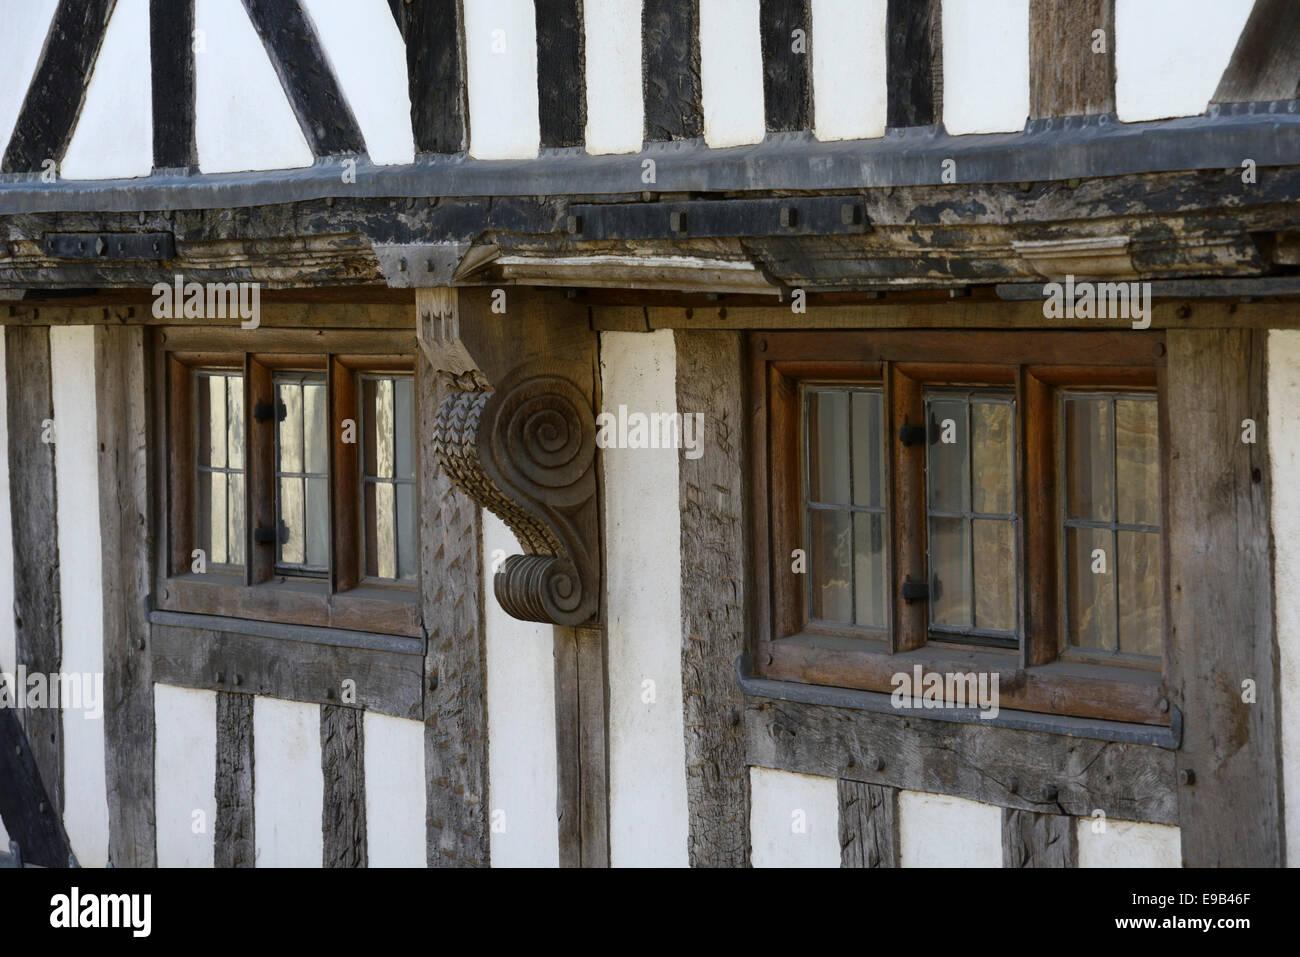 Ornate wood carving on timber framed house, Bell Lane, Ludlow, Shropshire, England, United Kingdom, UK, Europe - Stock Image